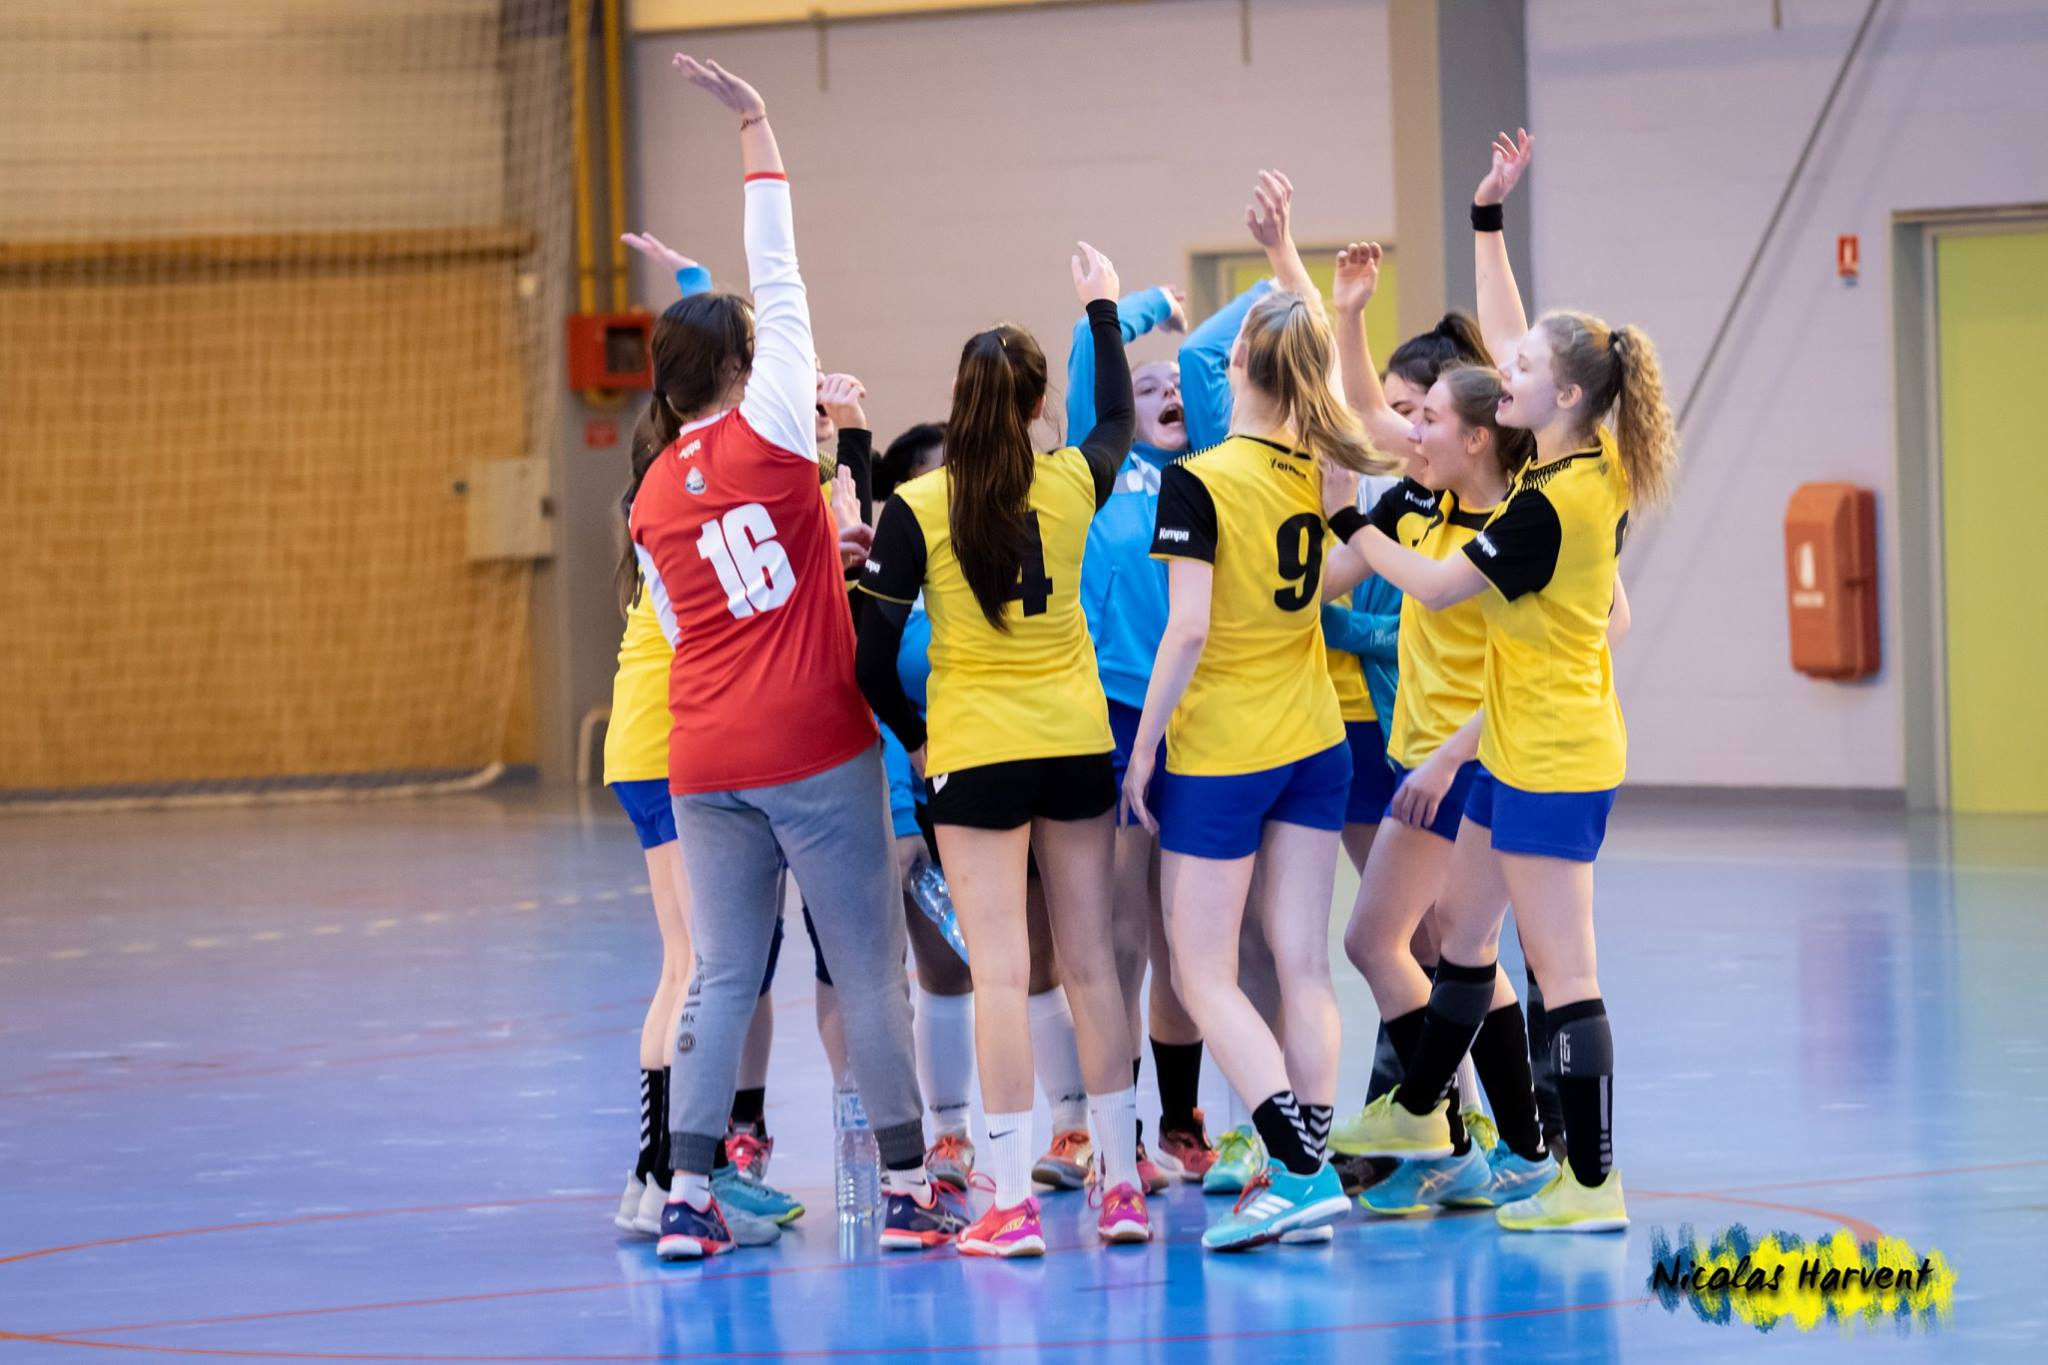 5è victoire en Challenge de France U18 !